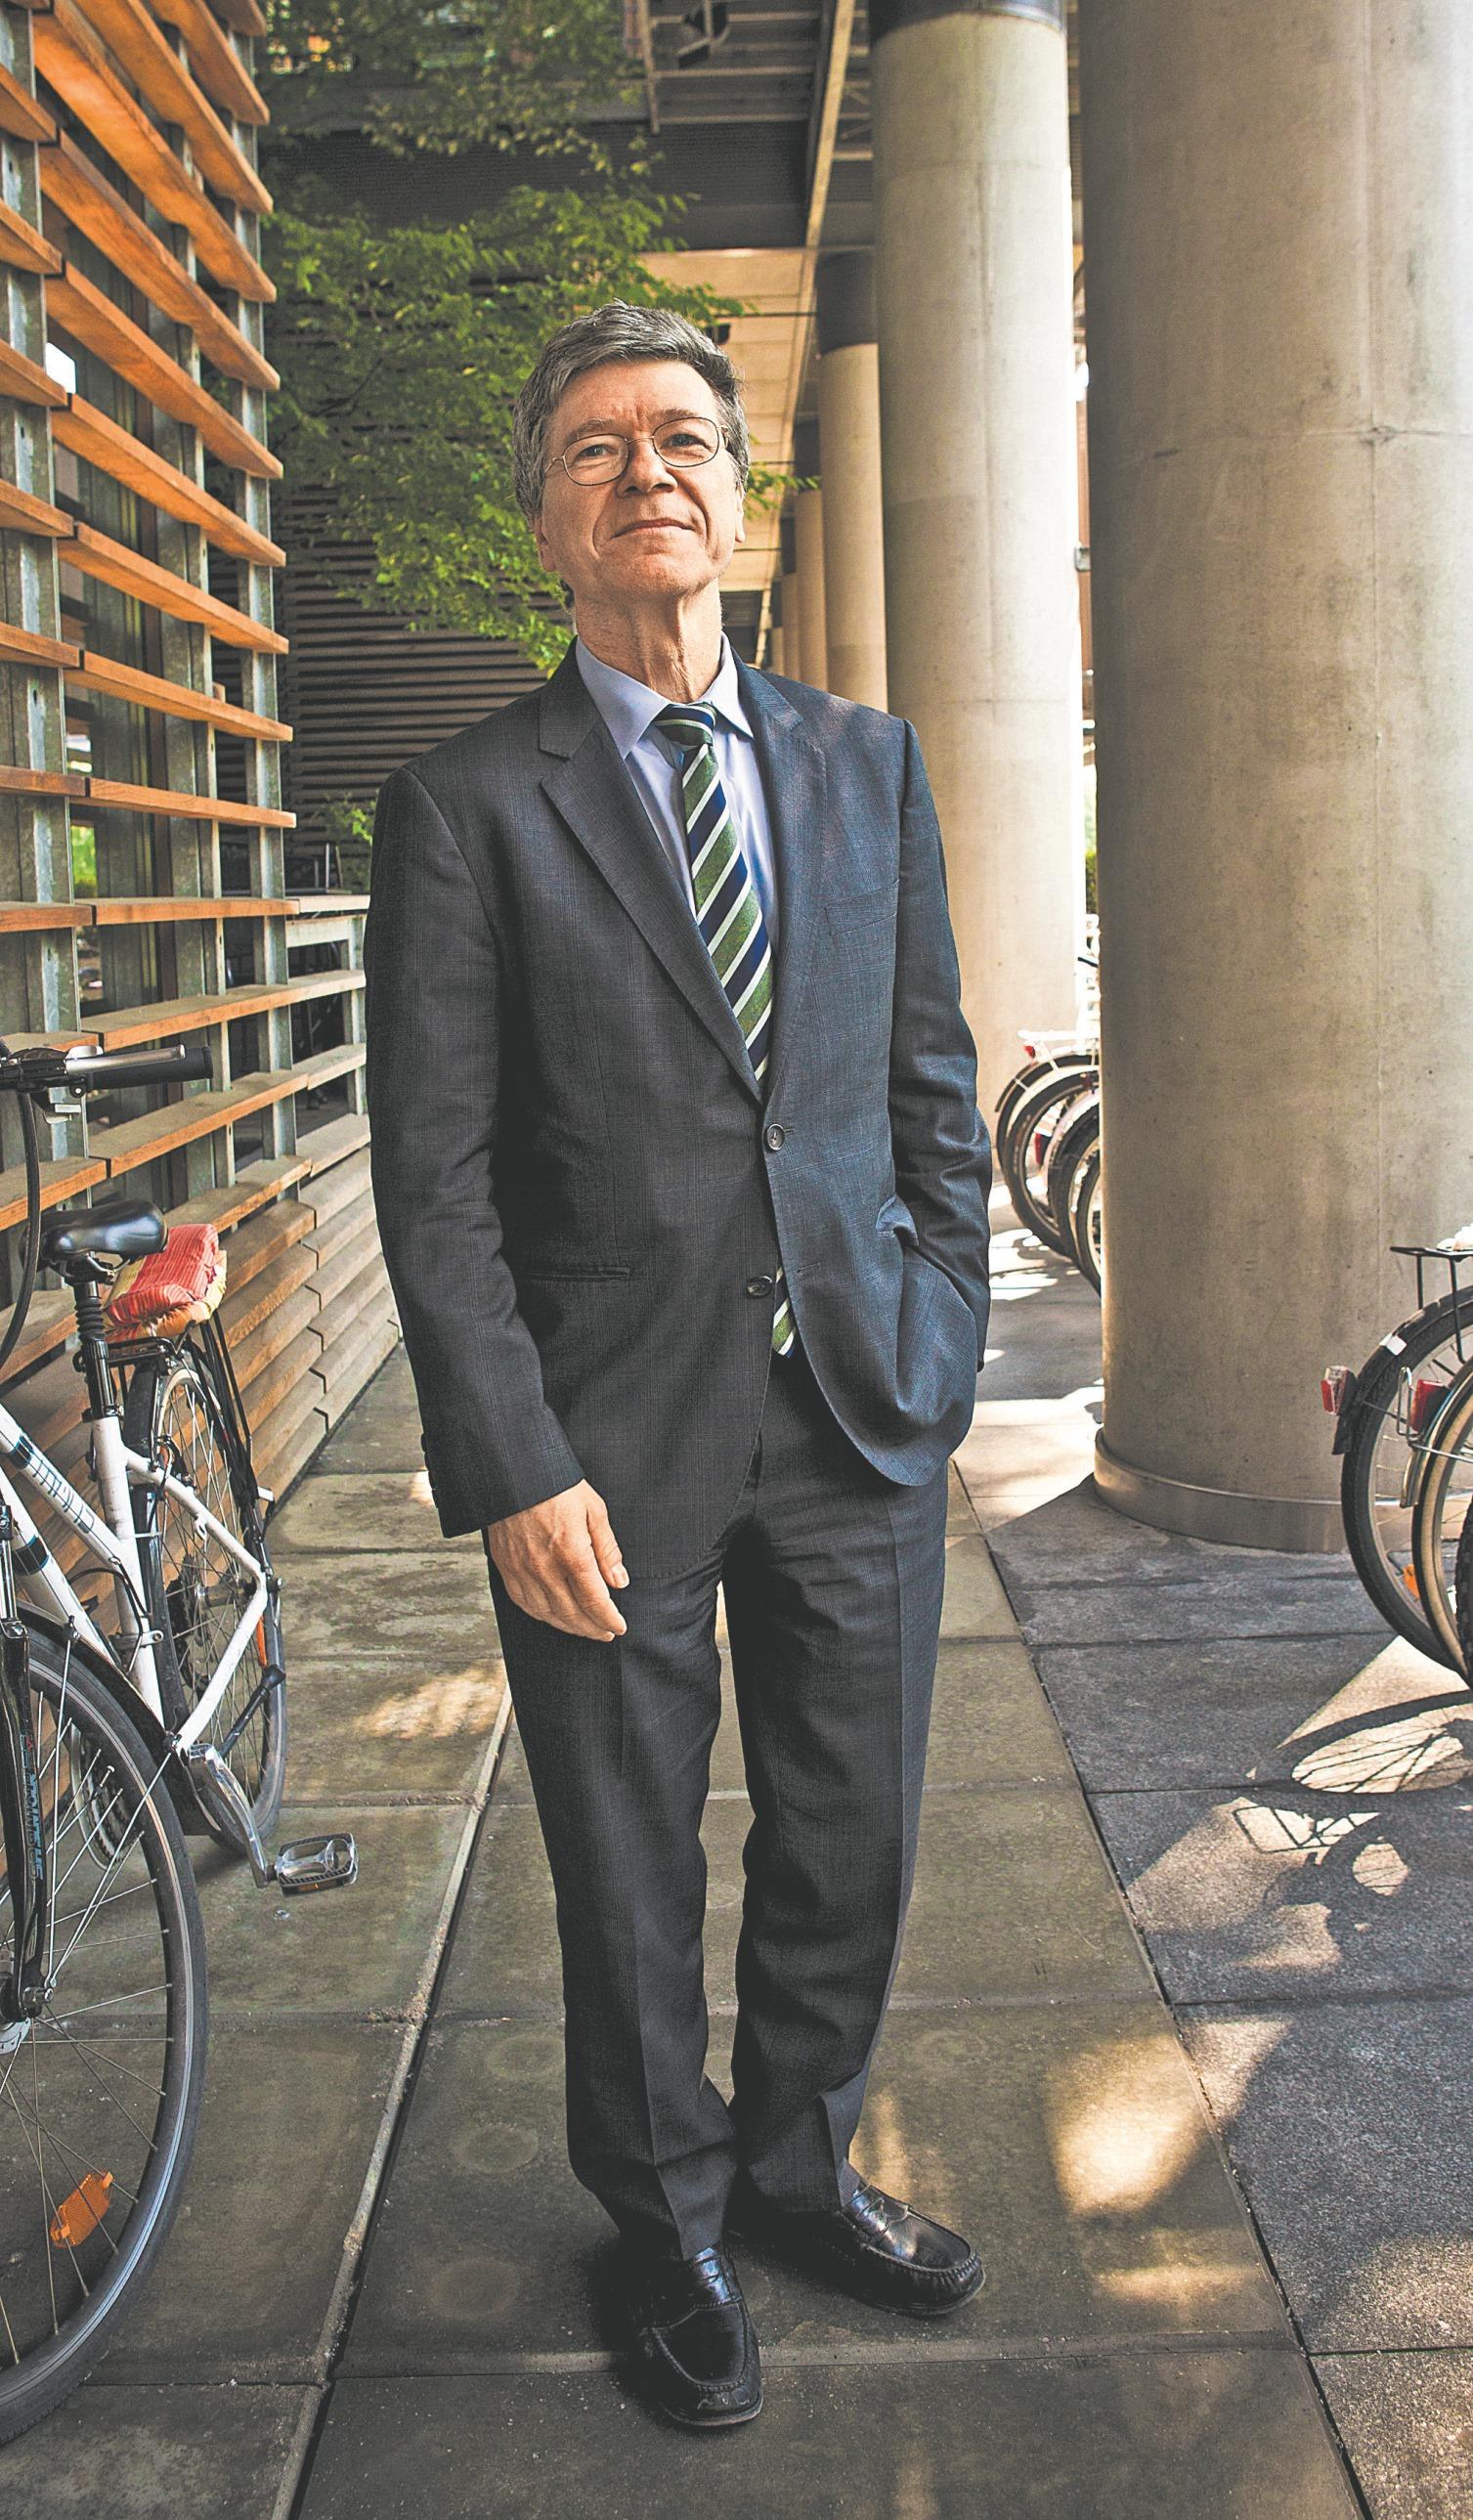 Jeffrey Sachs fot. Wojciech Górski